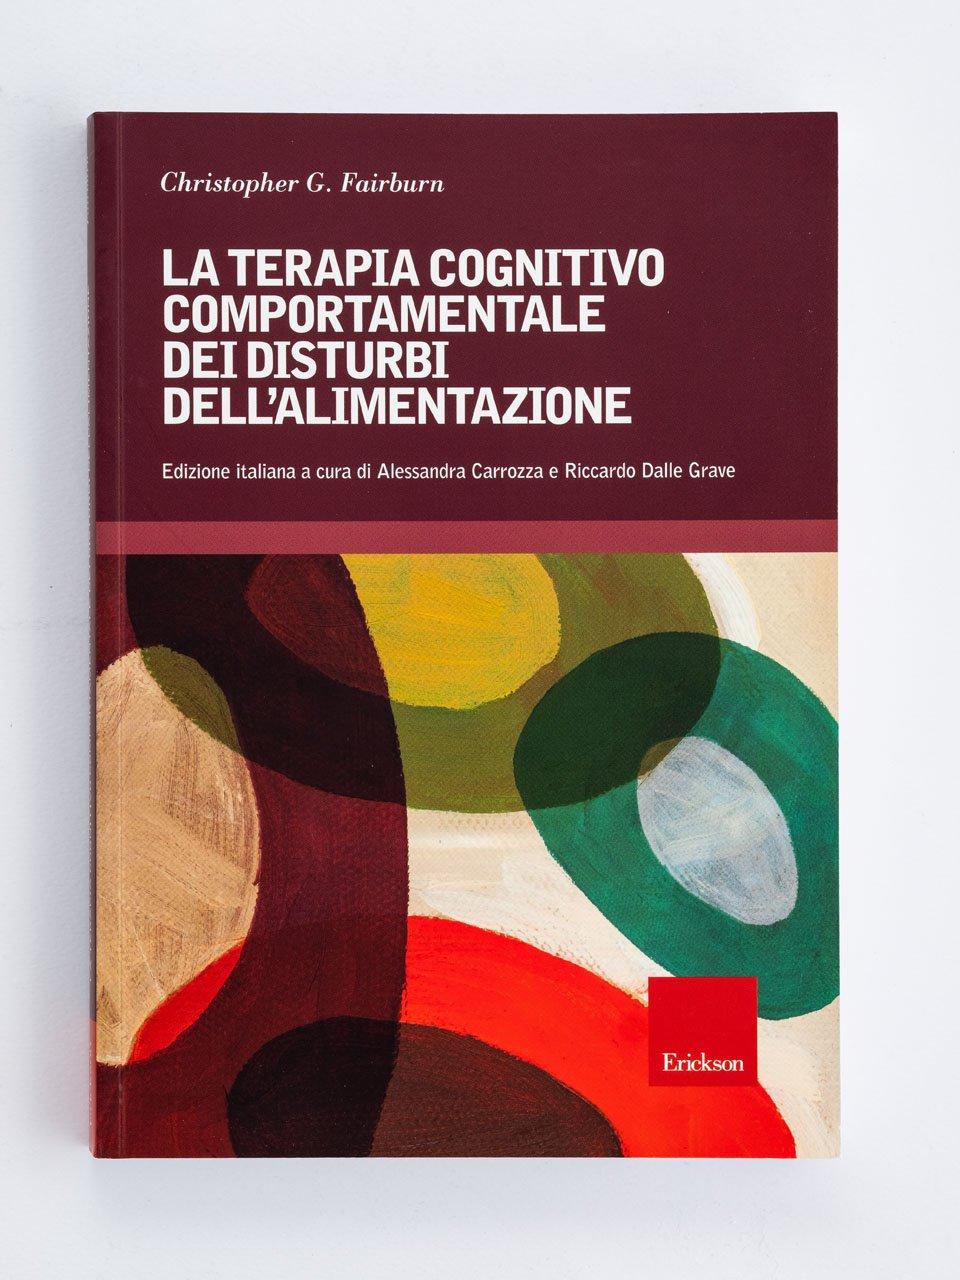 La terapia cognitivo-comportamentale dei disturbi dell'alimentazione - La terapia cognitivo-comportamentale multistep per - Libri - Erickson